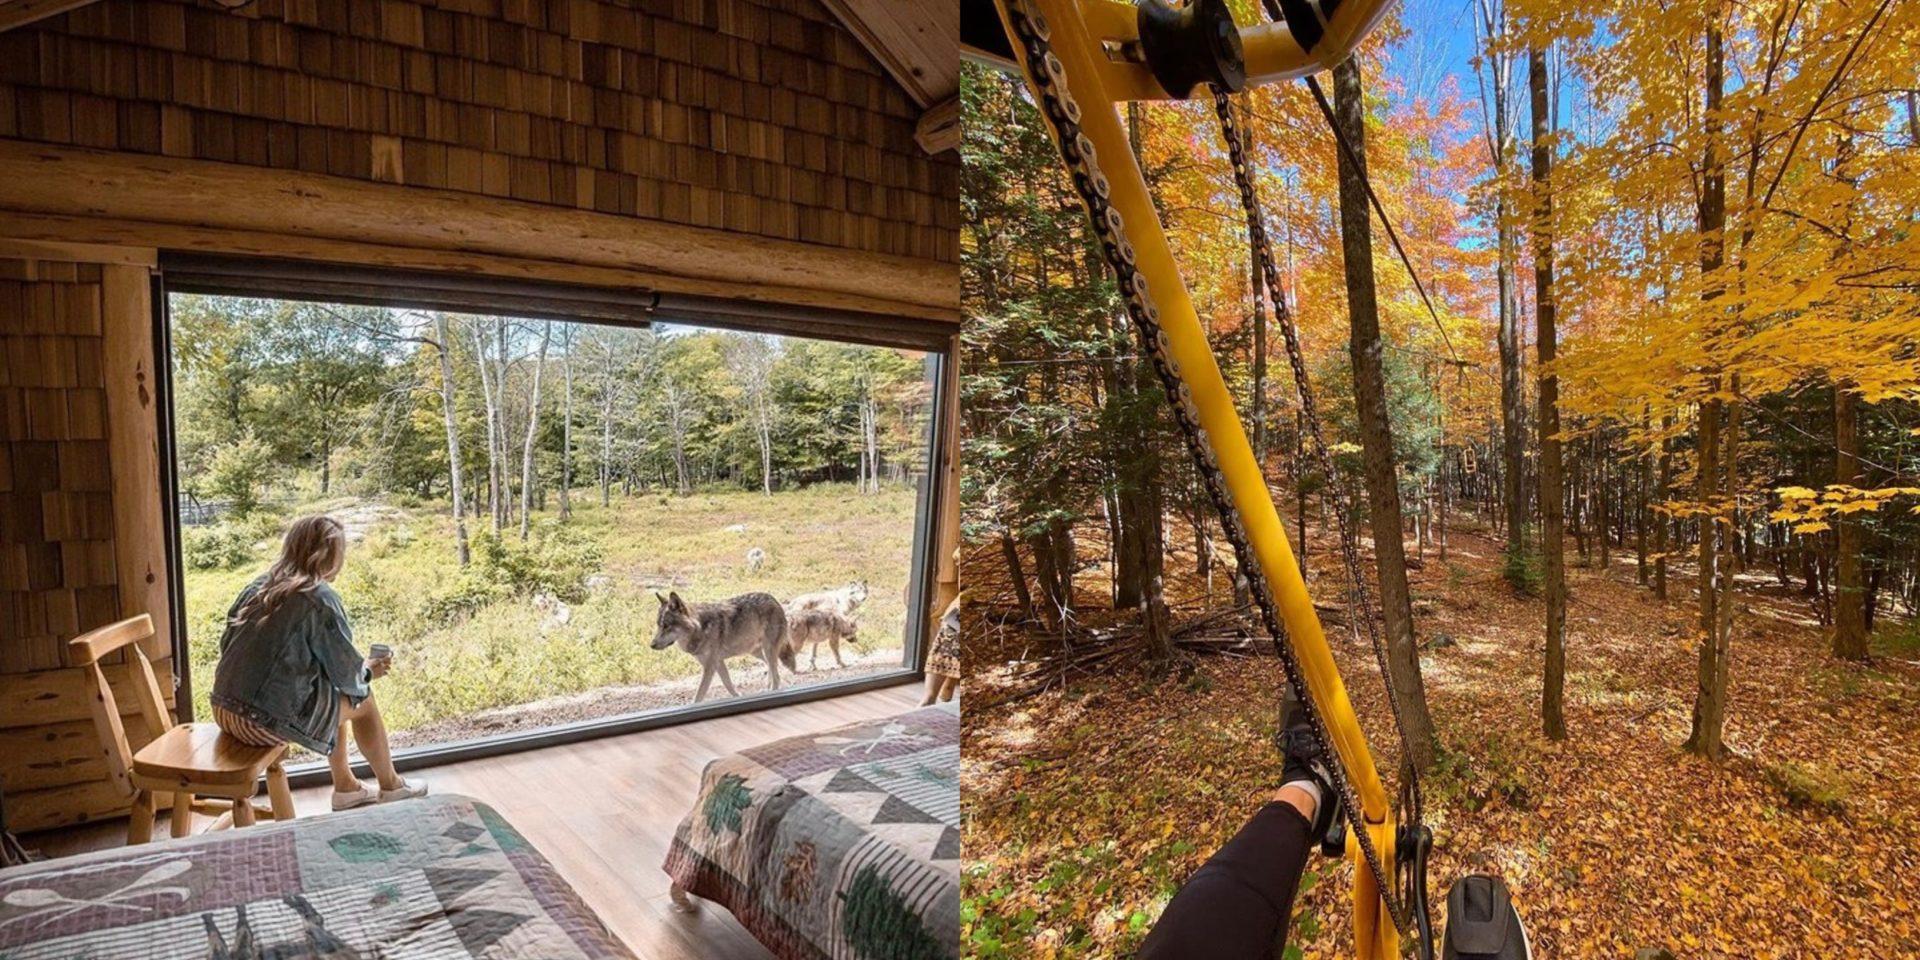 Nature et plein air: 8 activités à faire cet automne pour profiter des paysages d'ici!